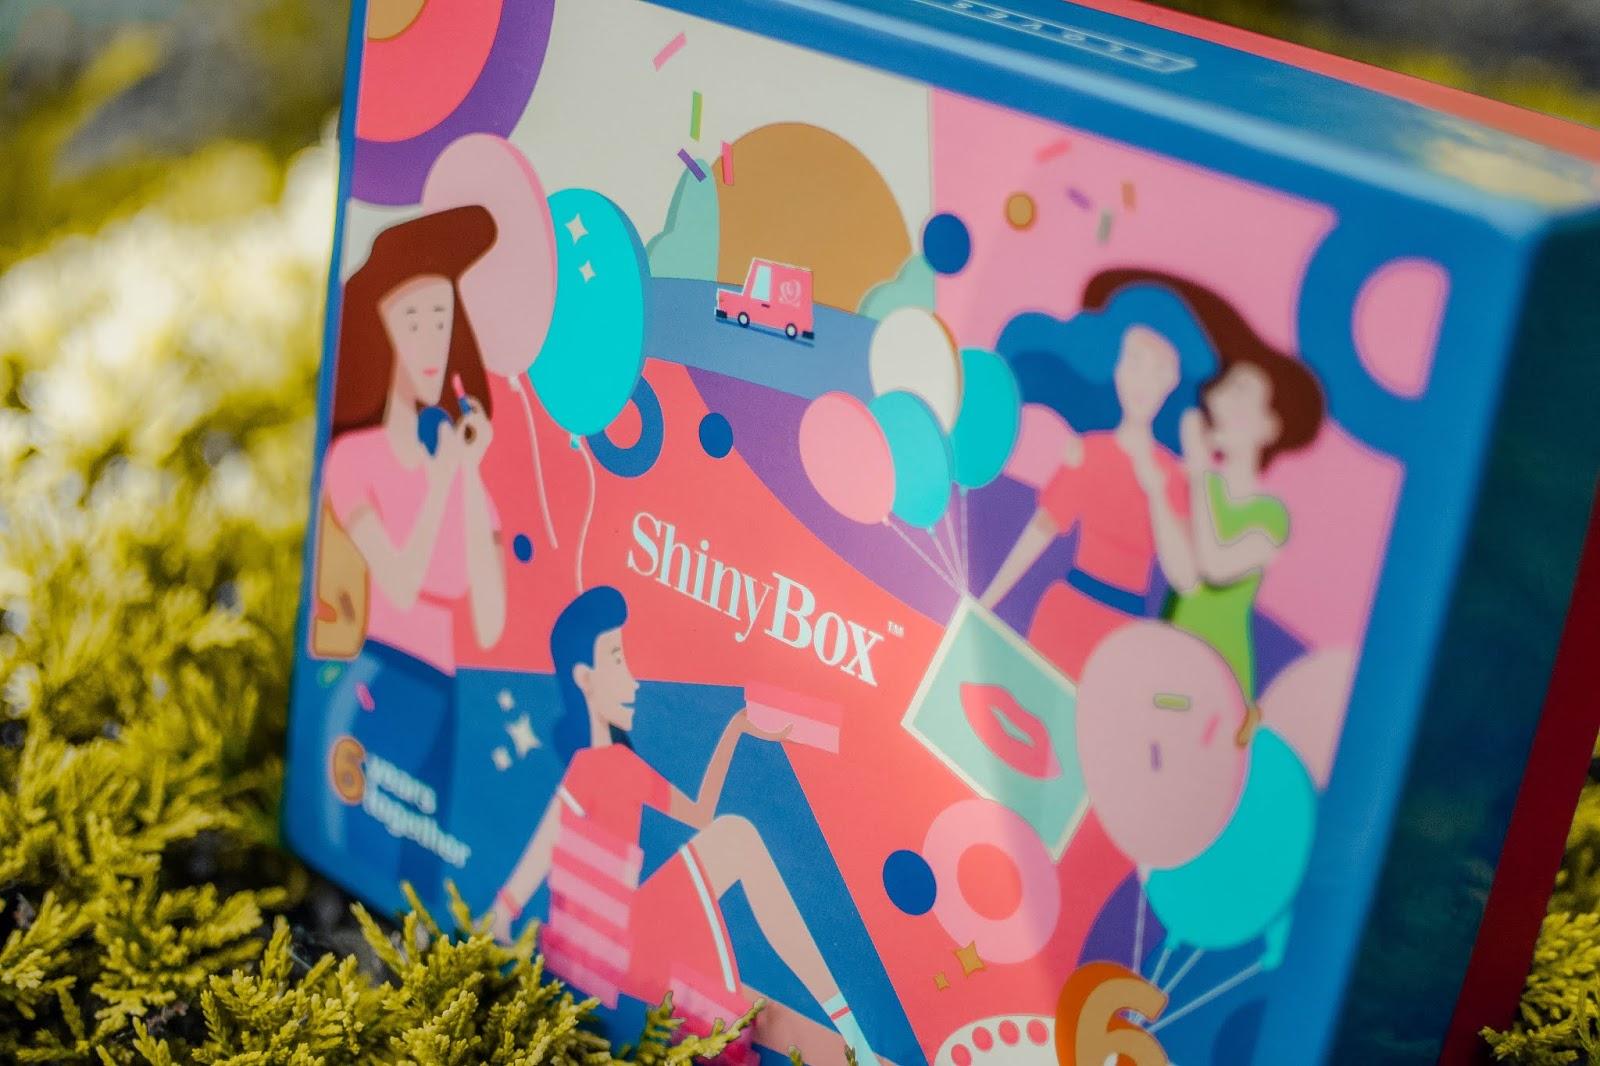 SHINYBOX 6 YEARS TOGETHER - CZERWIEC 2018